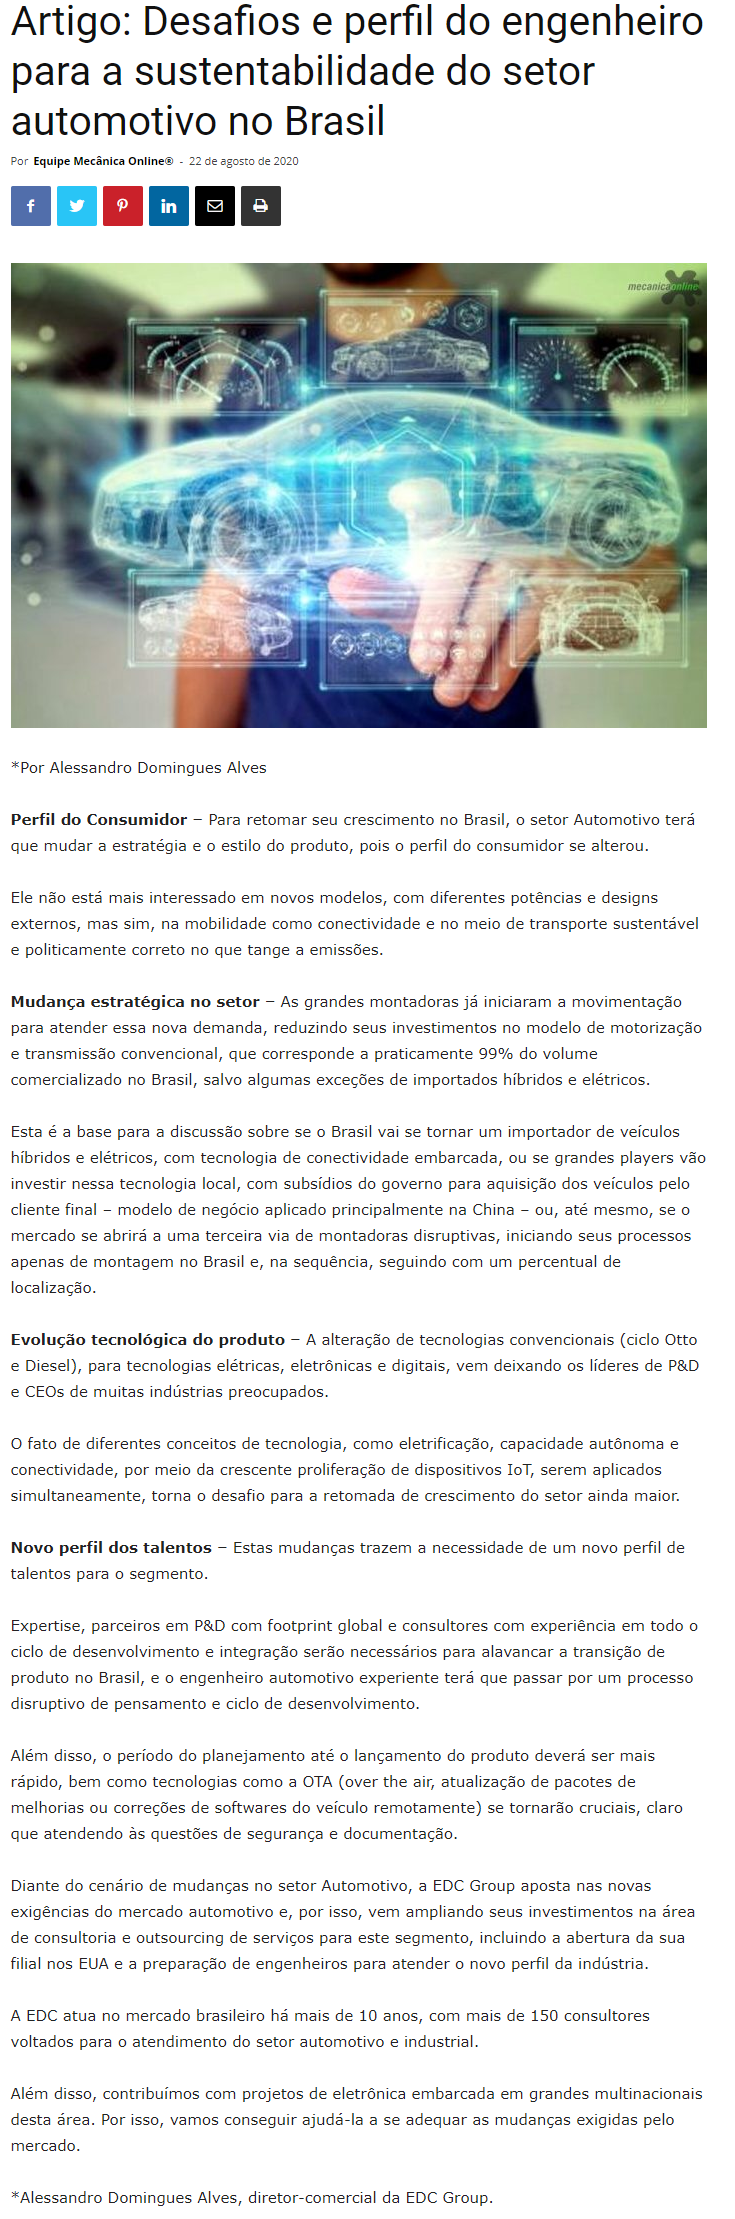 Artigo: Desafios e perfil do engenheiro para a sustentabilidade do setor automotivo no Brasil - Mecânica Online